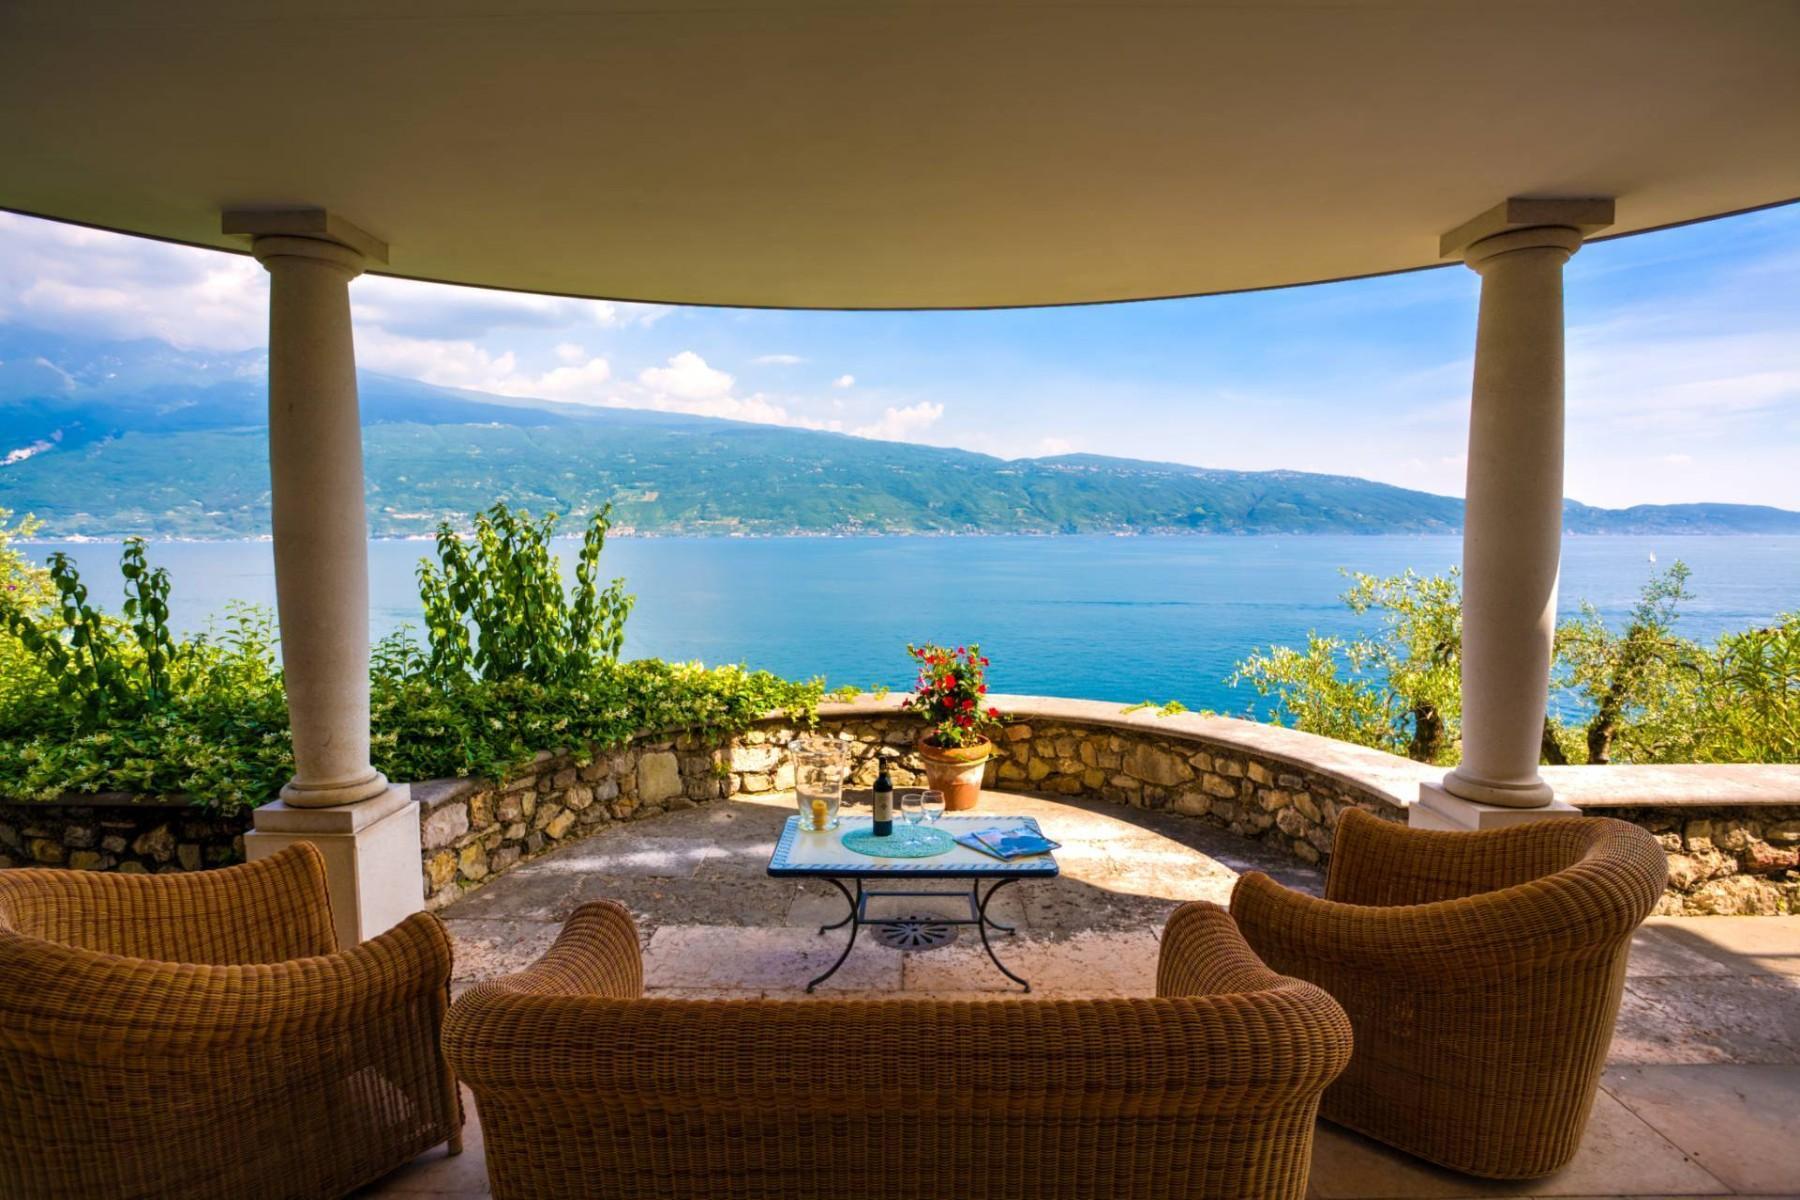 Atemberaubende moderne Villa mit exklusivem Pool und herrlichem Seeblick - 5